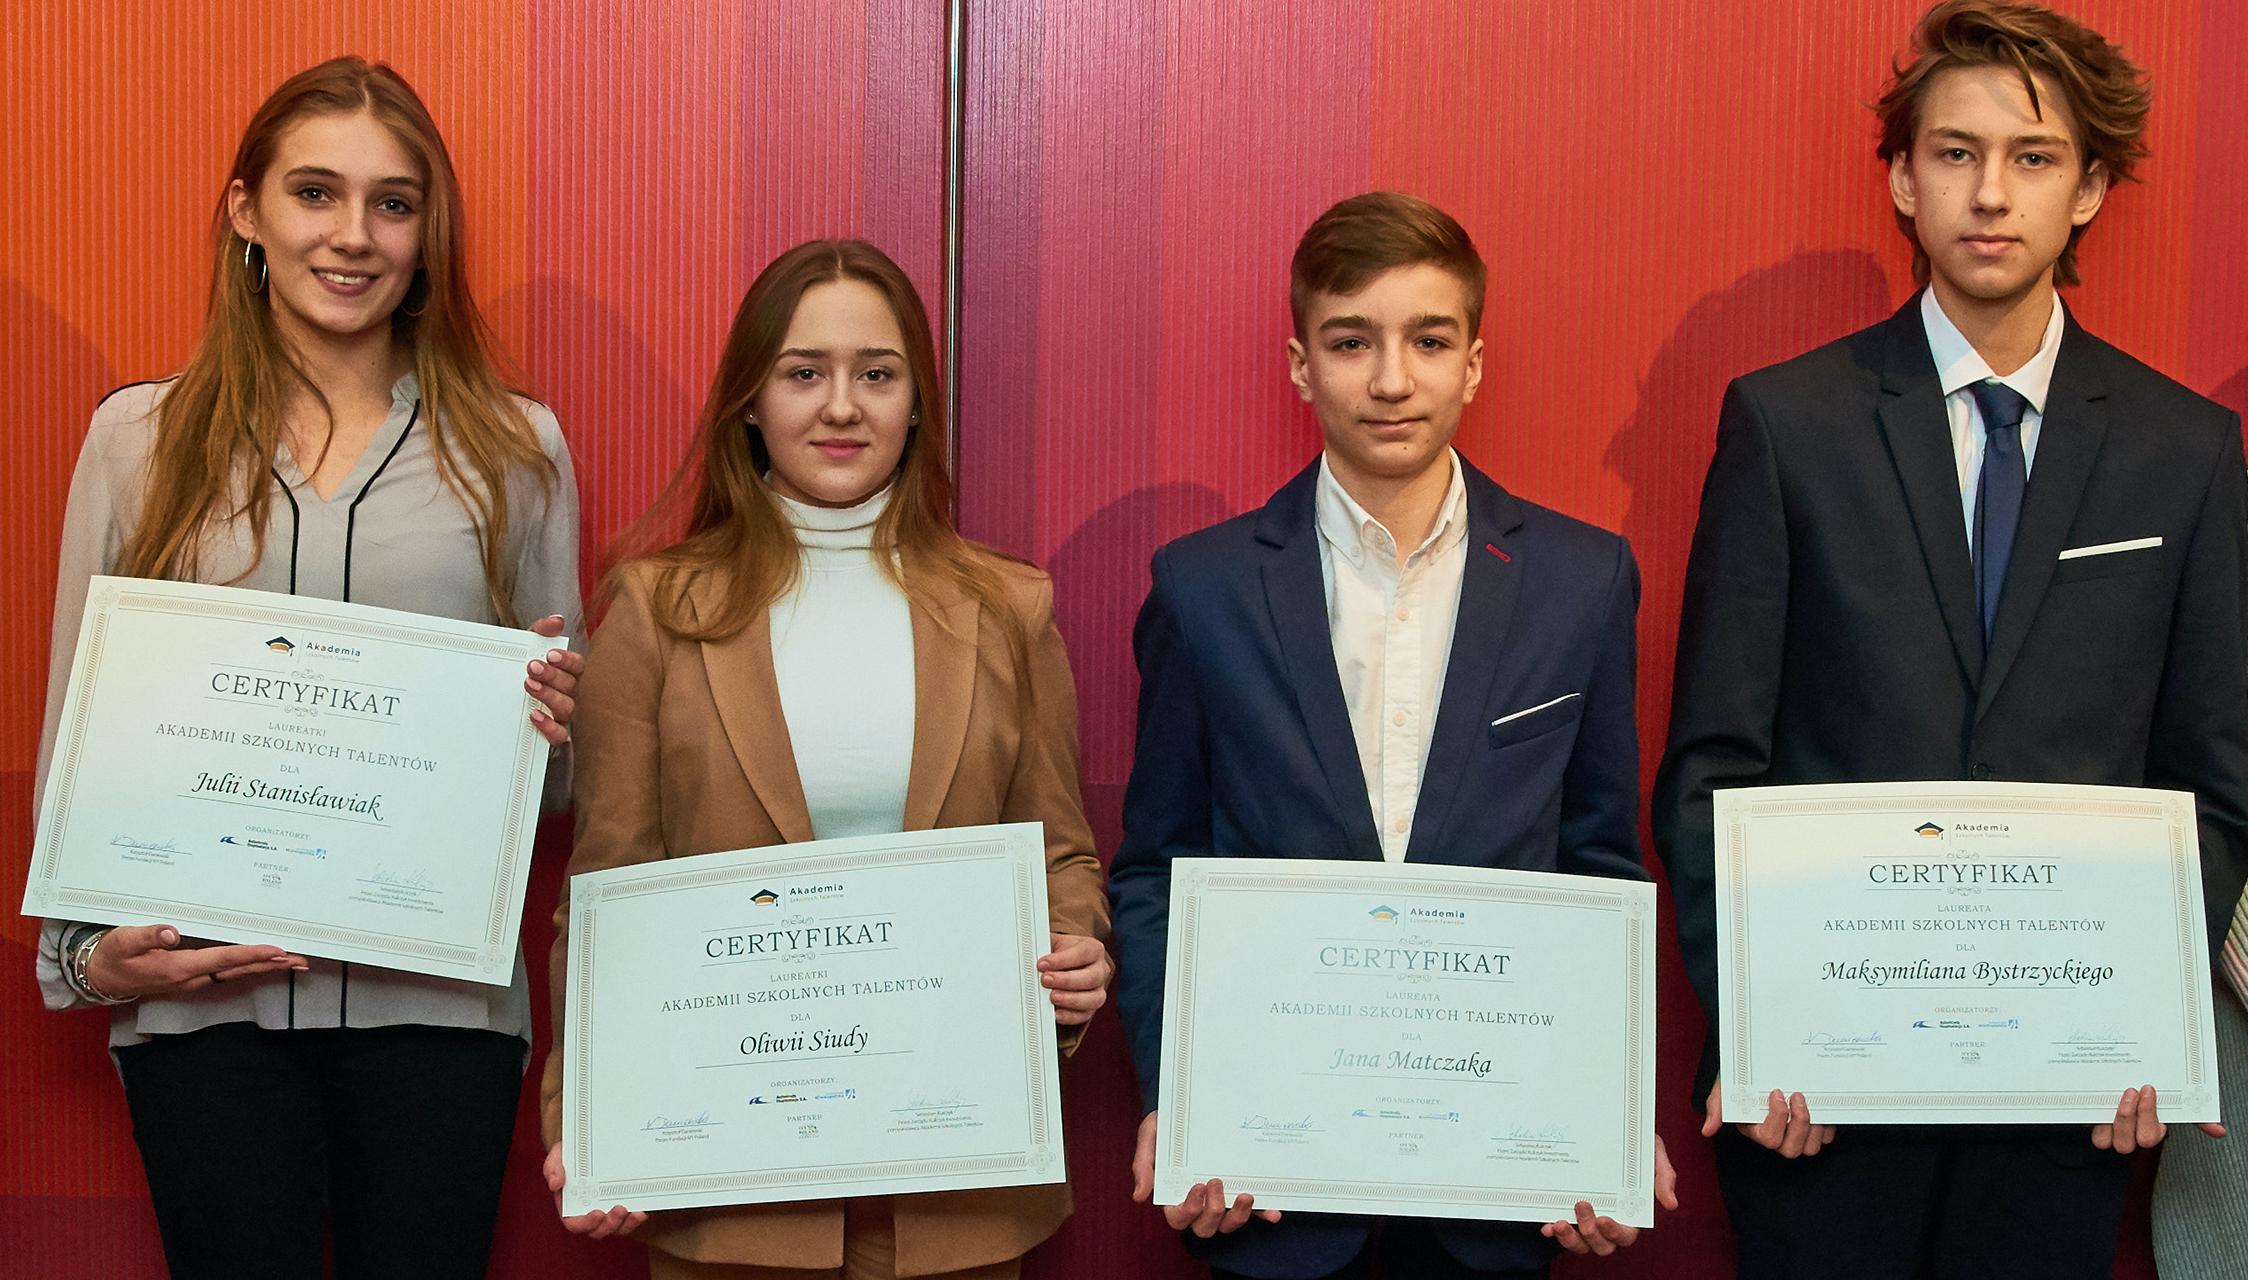 Przedstawiamy laureatów drugiej edycji Akademii Szkolnych Talentów